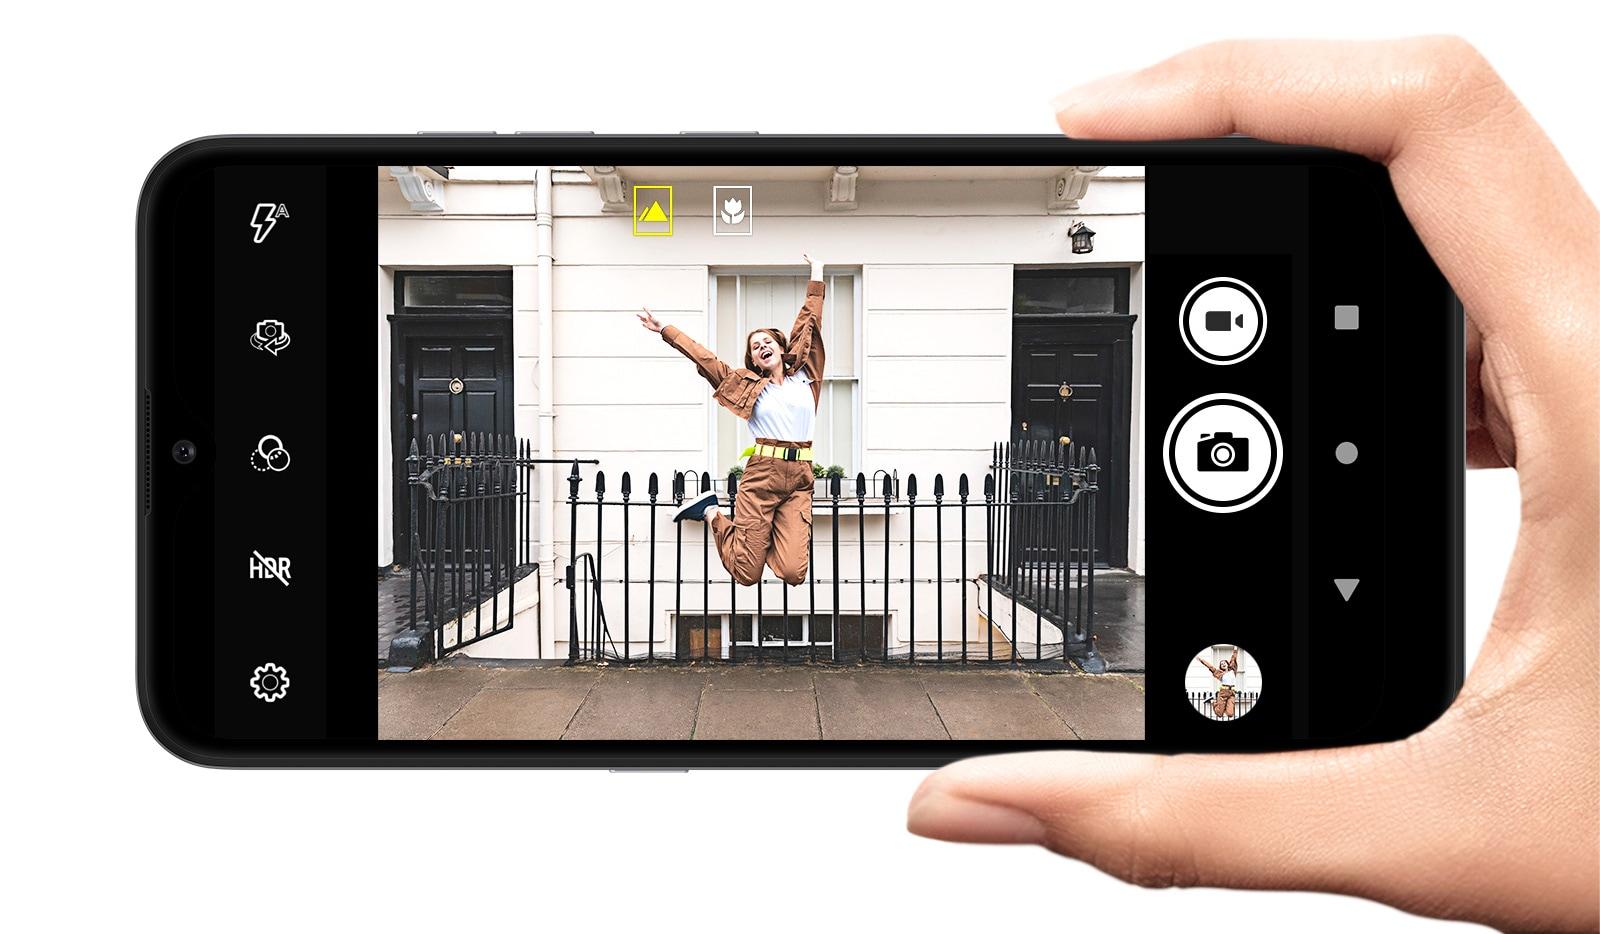 Smartphone disparando a una mujer posando para un salto en la calle